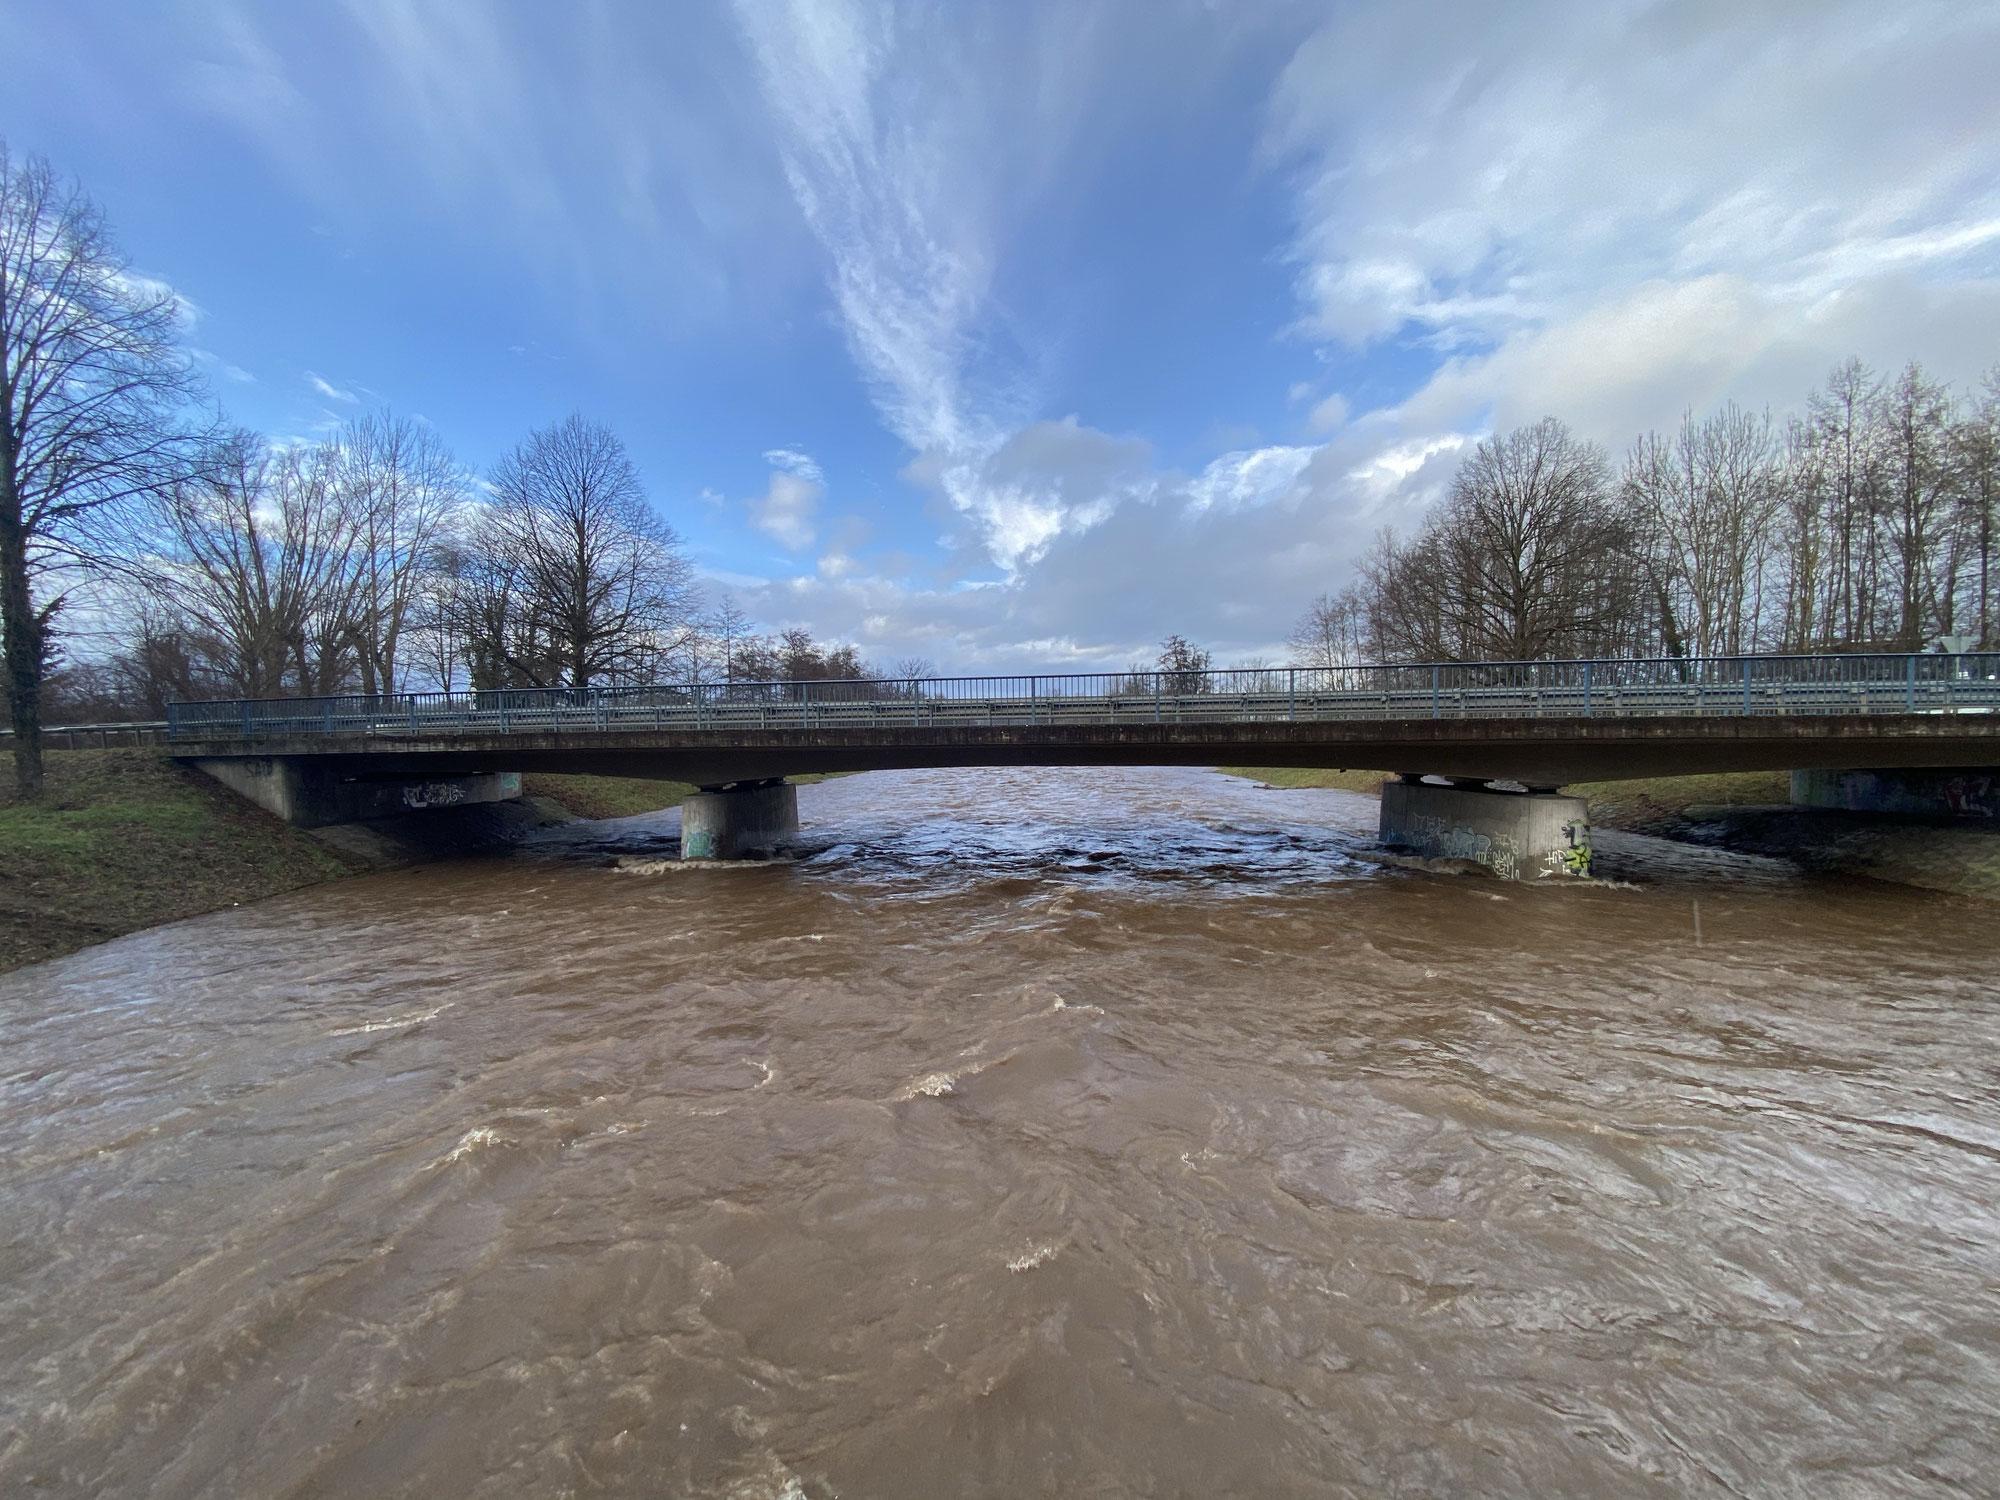 Gefährliches Hochwasser in Freiburg an der Dreisam am 29.01.2021